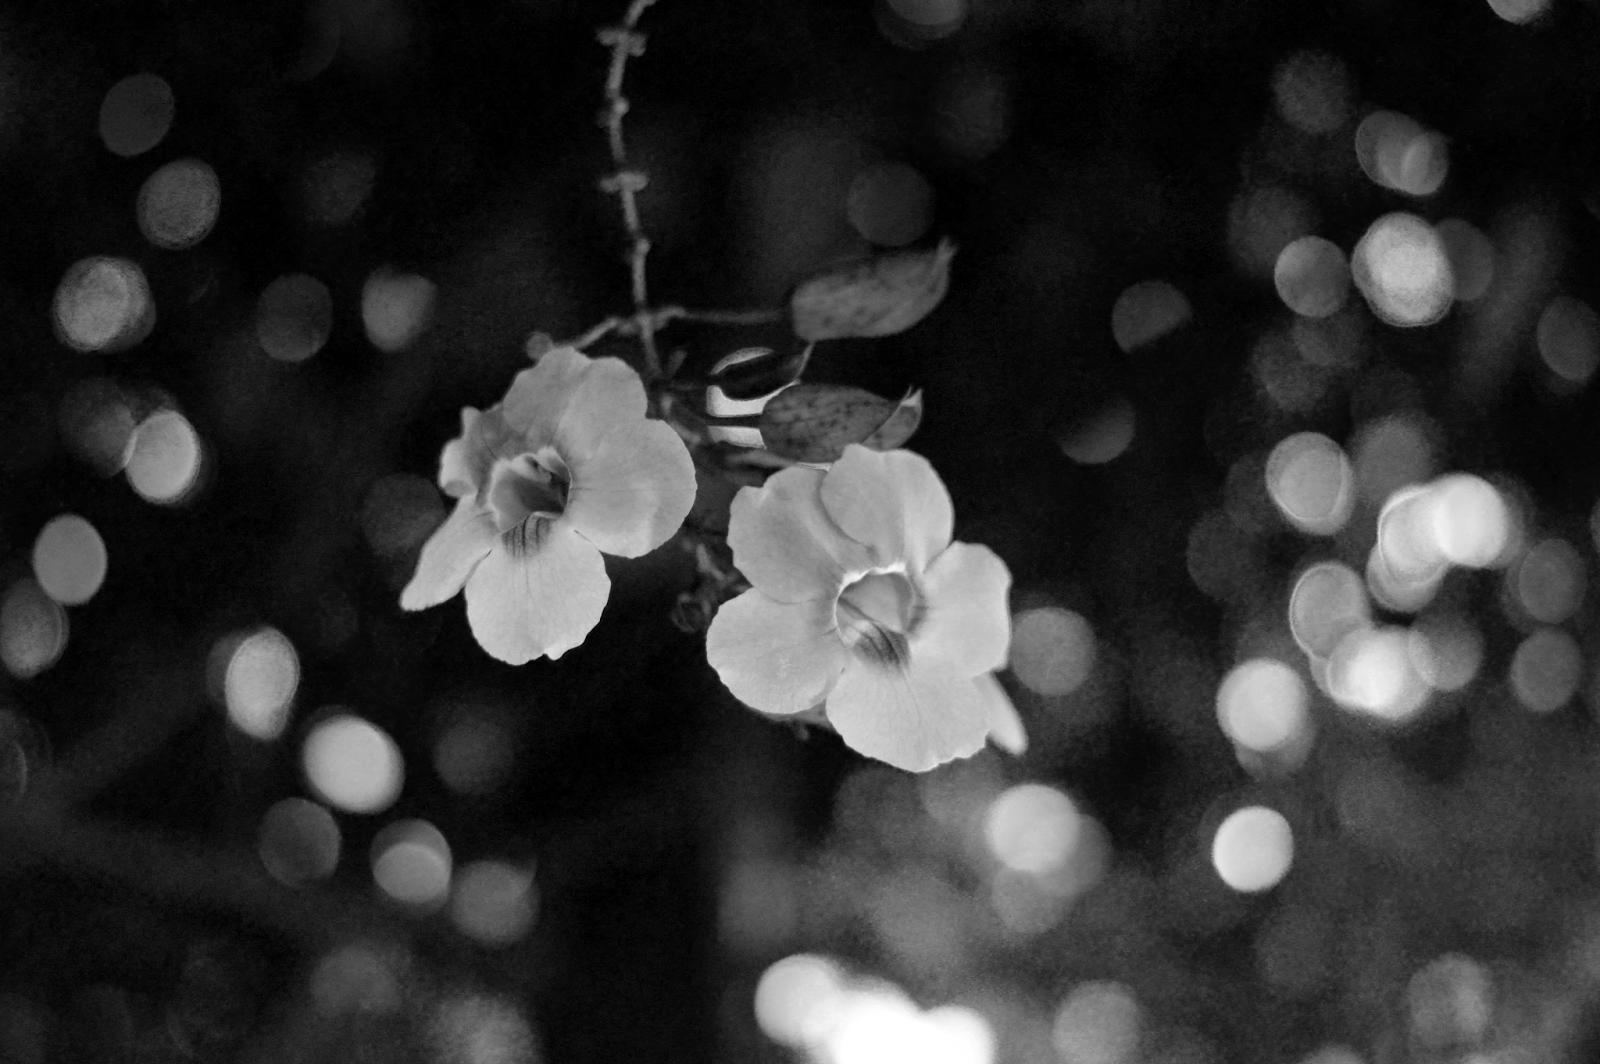 Dossiê de Verão: Bianca Fotografia - Preto e Branco